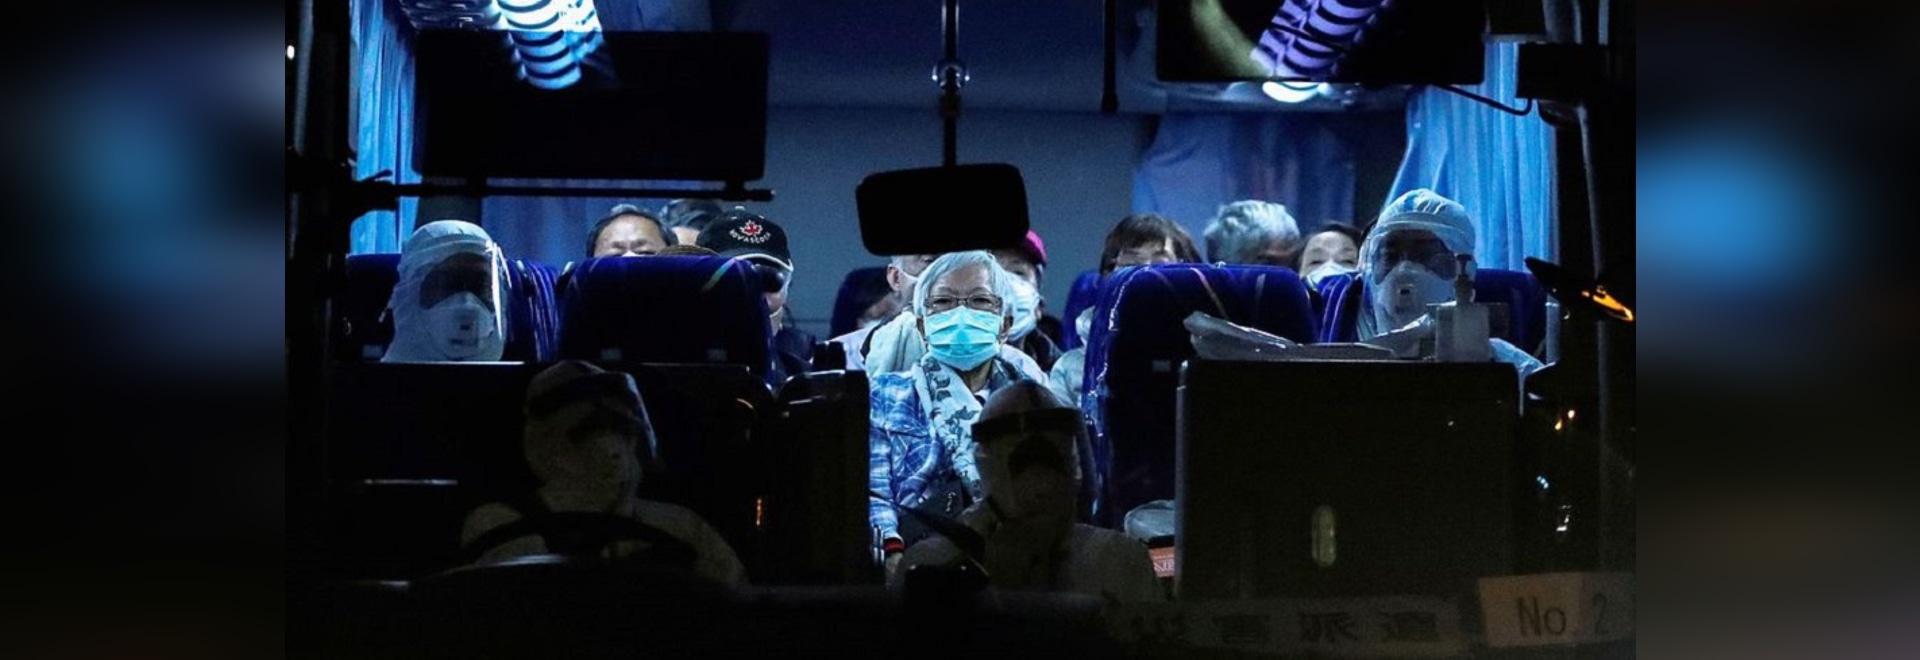 Welche Masken schützen tatsächlich vor Coronaviren?